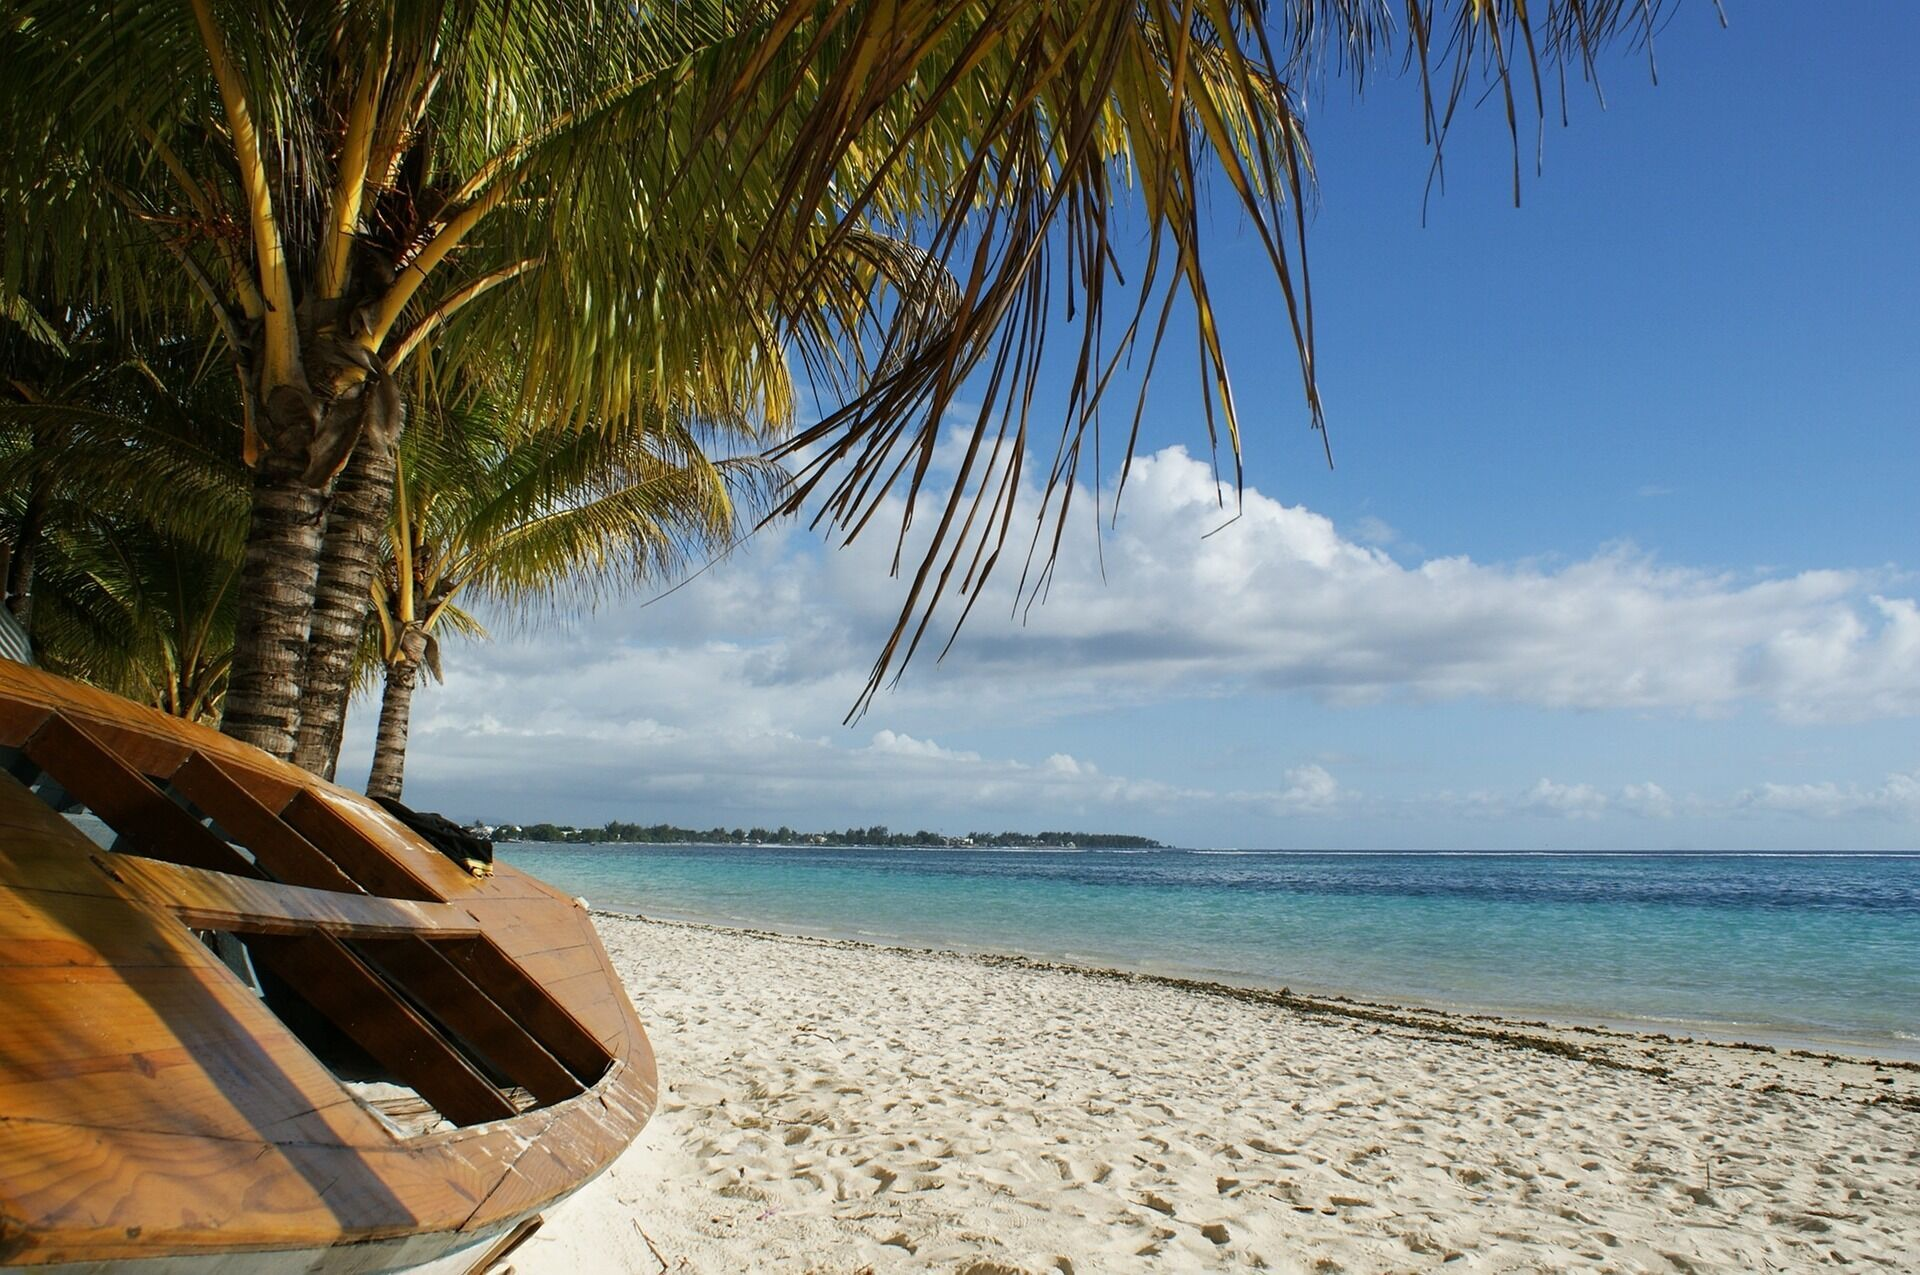 Пляжний відпочинок на Балі.